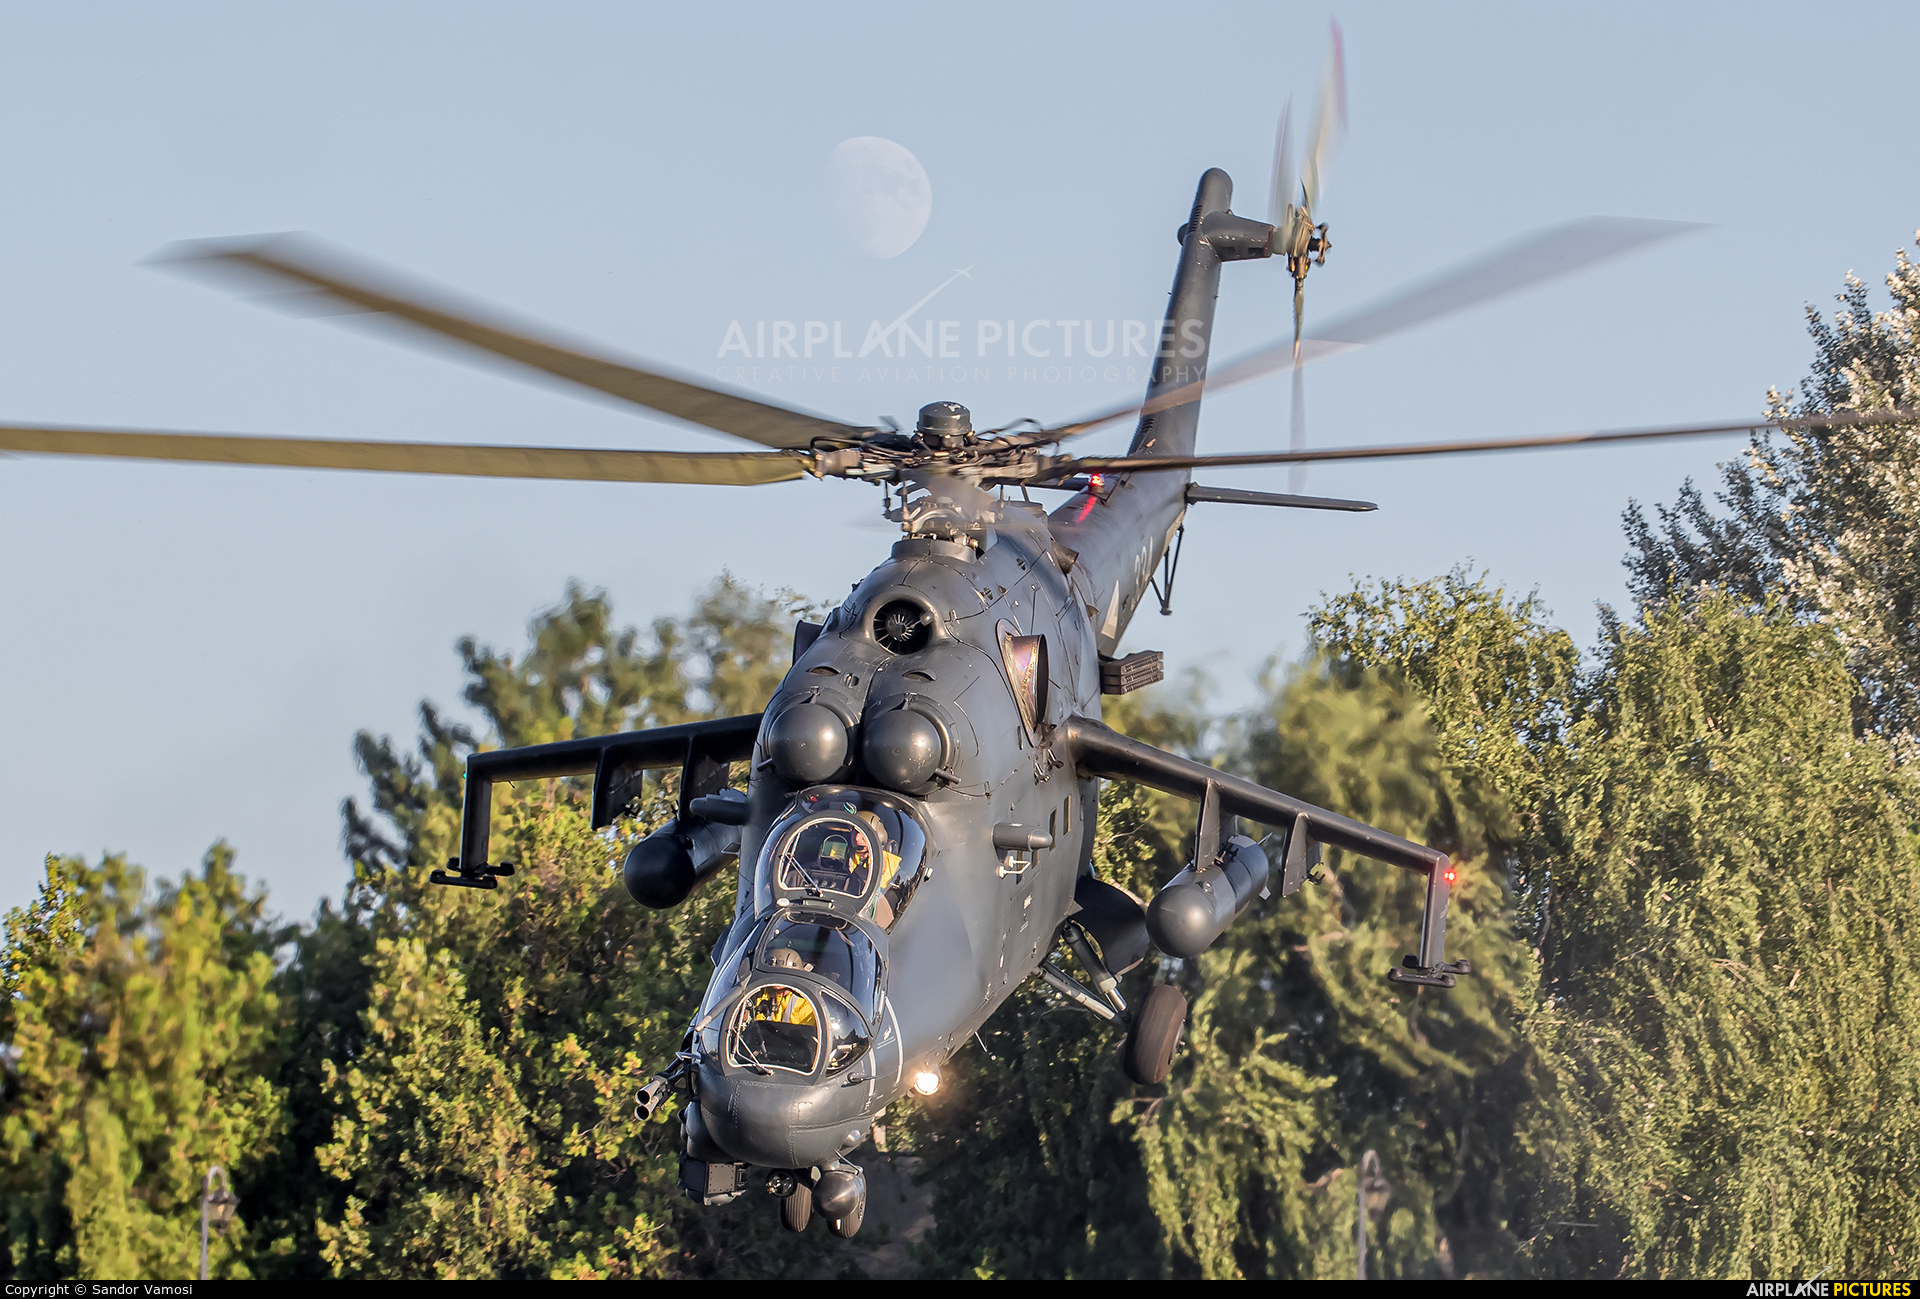 Hungary - Air Force 334 aircraft at Off Airport - Hungary